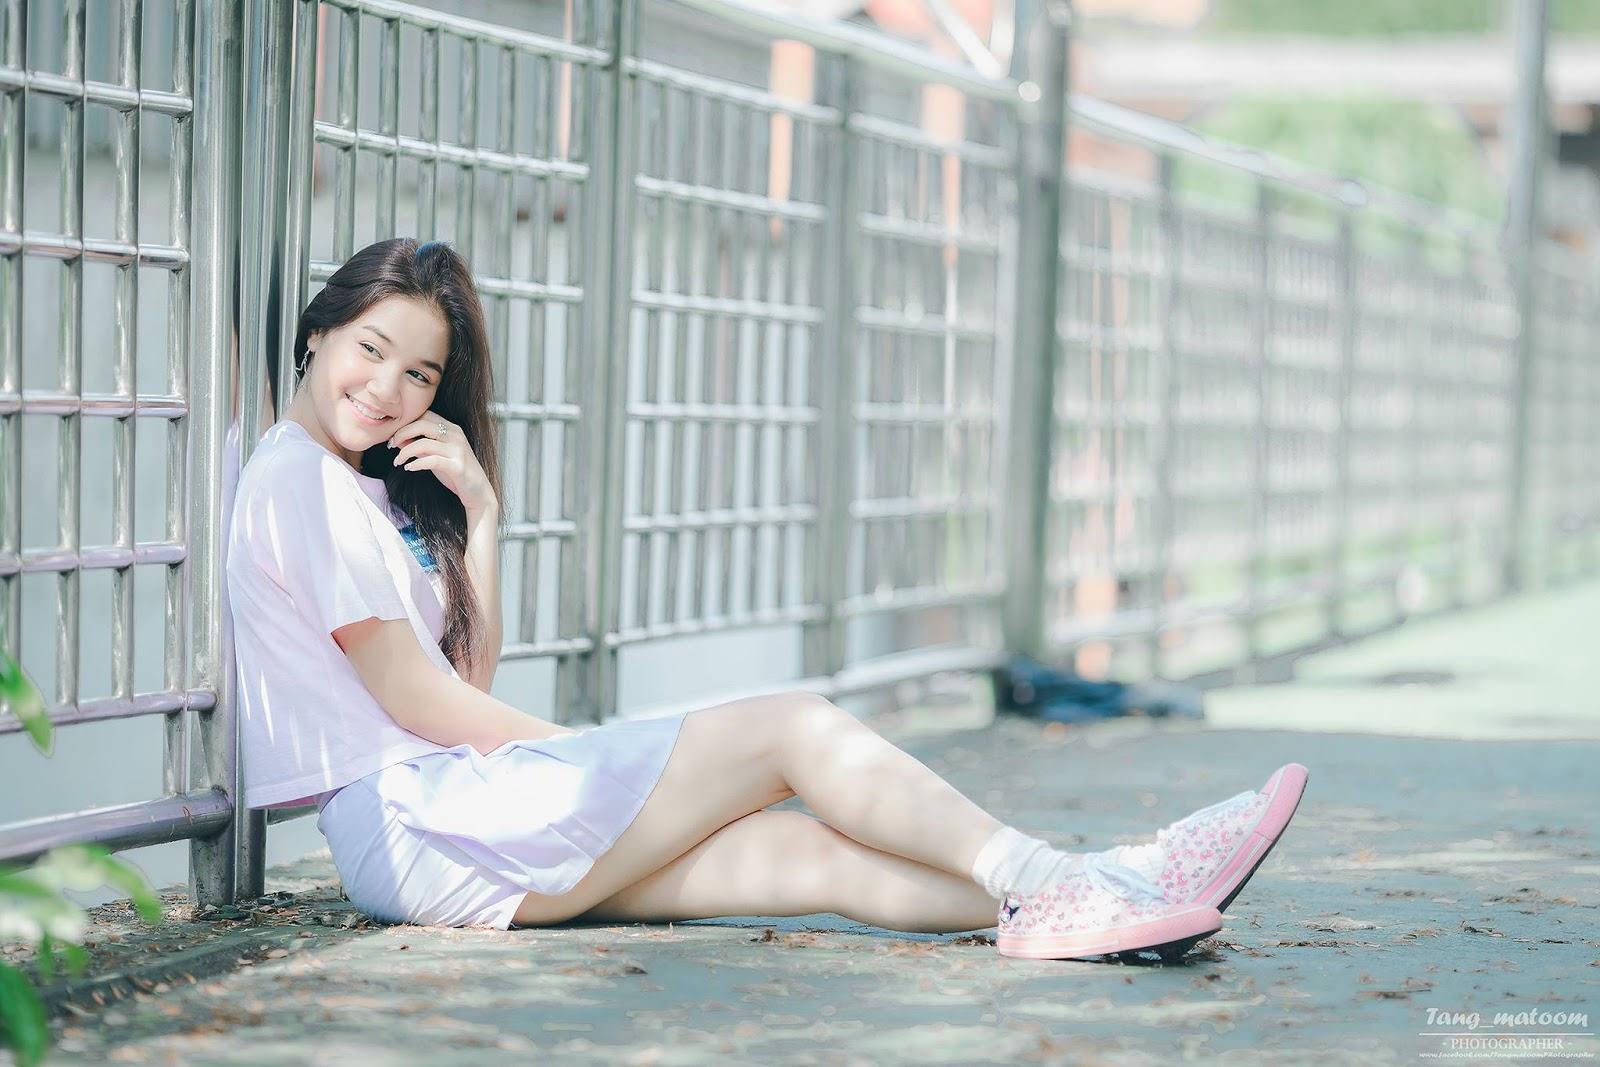 Ảnh Đẹp 2017    Album Ảnh Đẹp Nhất Của Những Phụ Nữ, Girl Xinh Châu Á